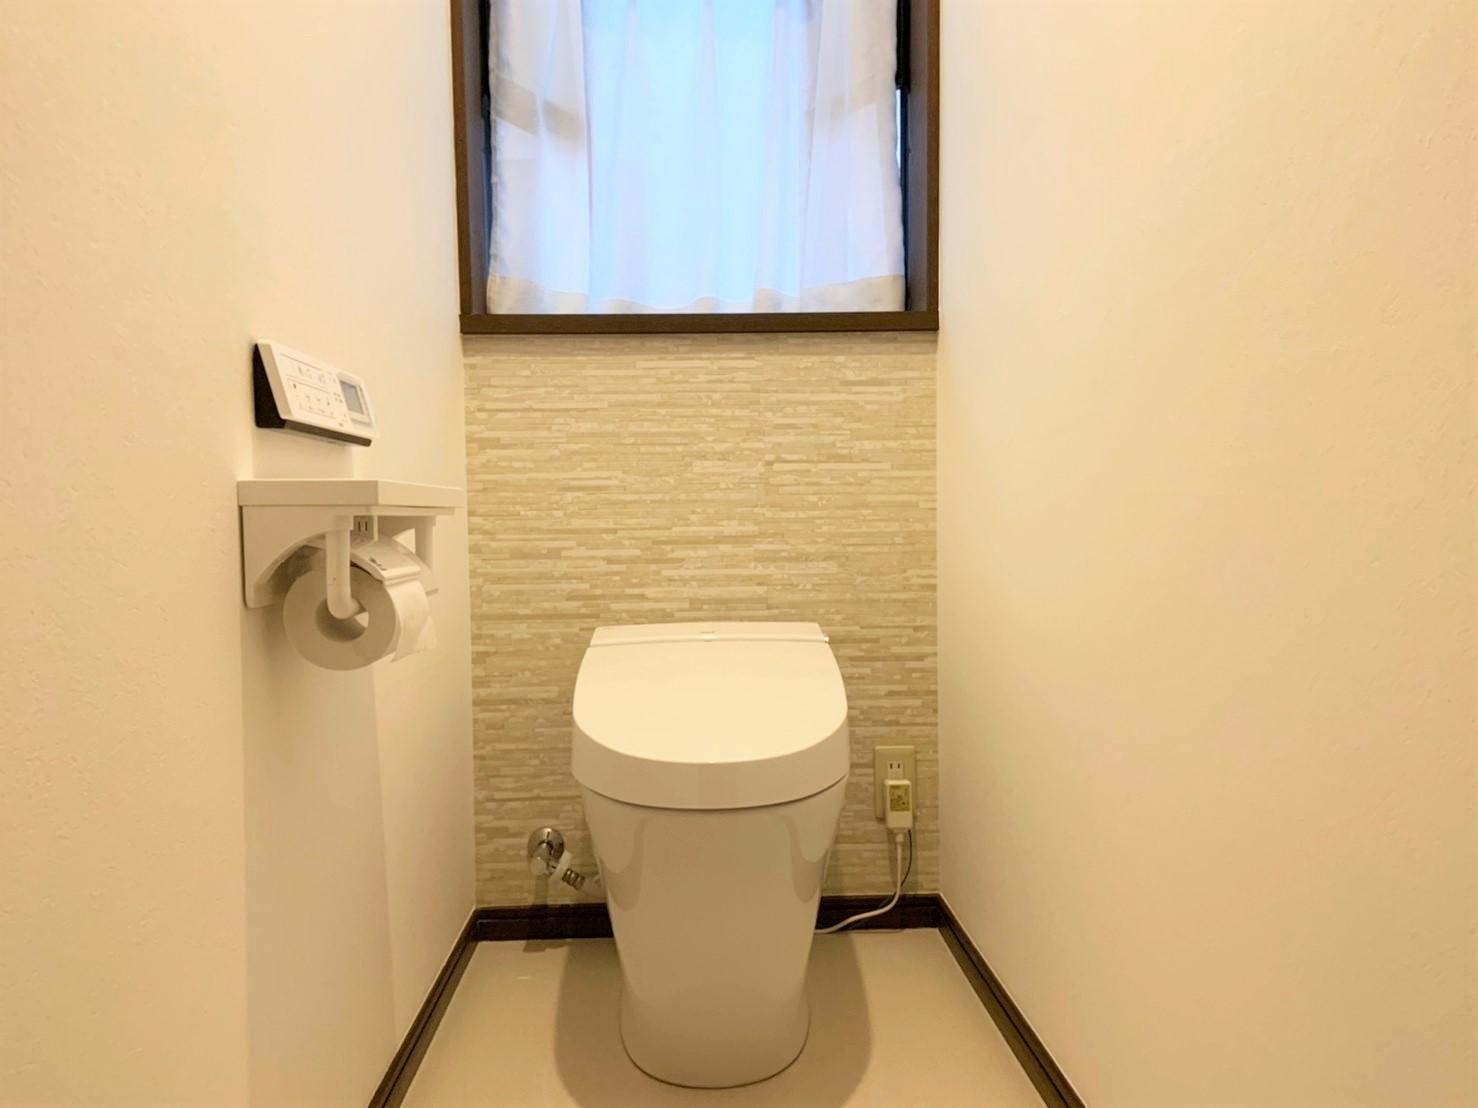 千葉県我孫子市O様邸 トイレ2か所のリフォーム